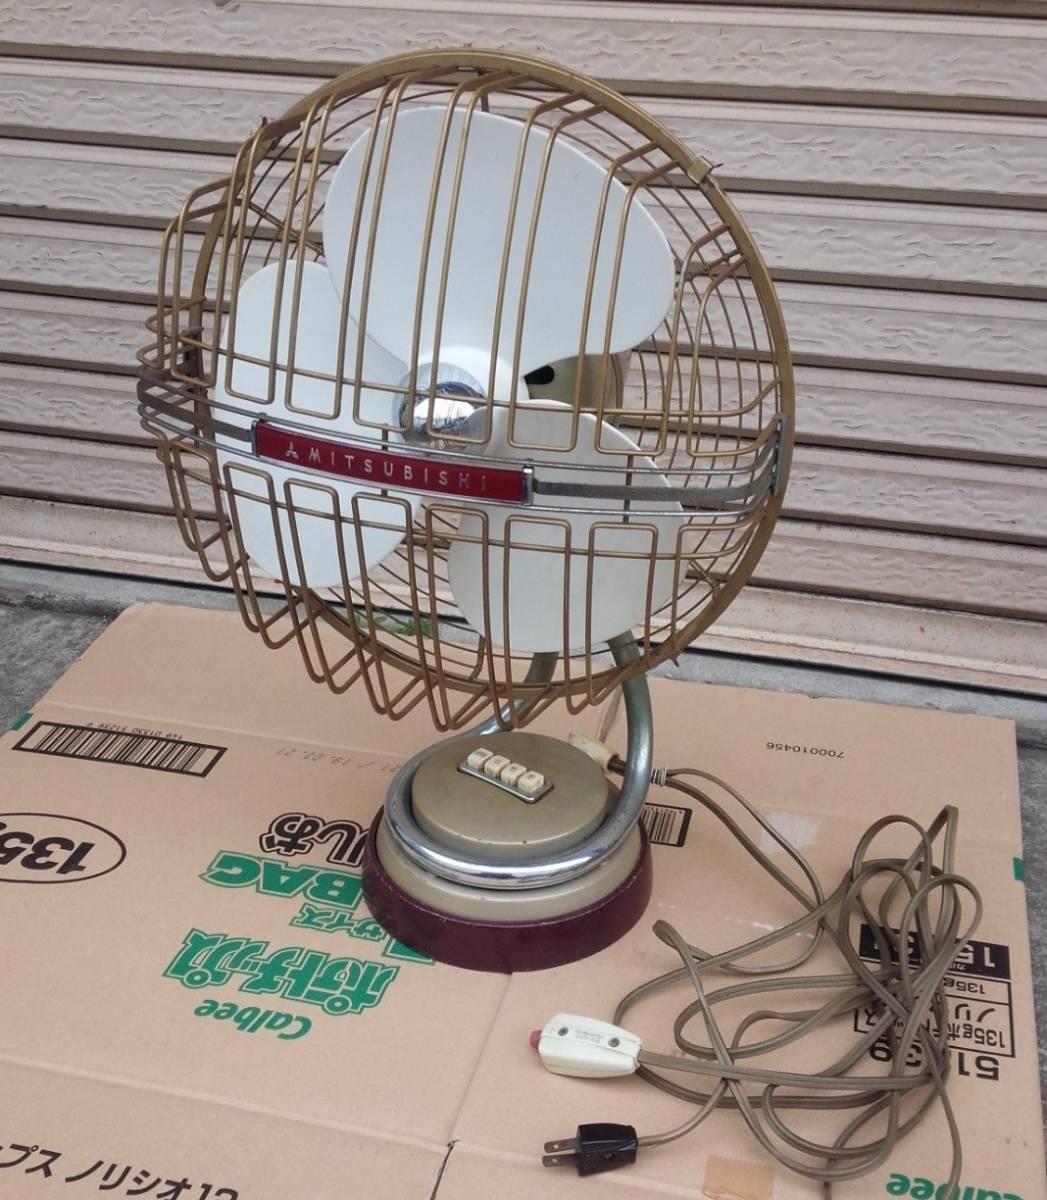 三菱 MITSUBISHI アンティーク 扇風機 DM-12LC リモコン付き 動作品 昭和レトロ